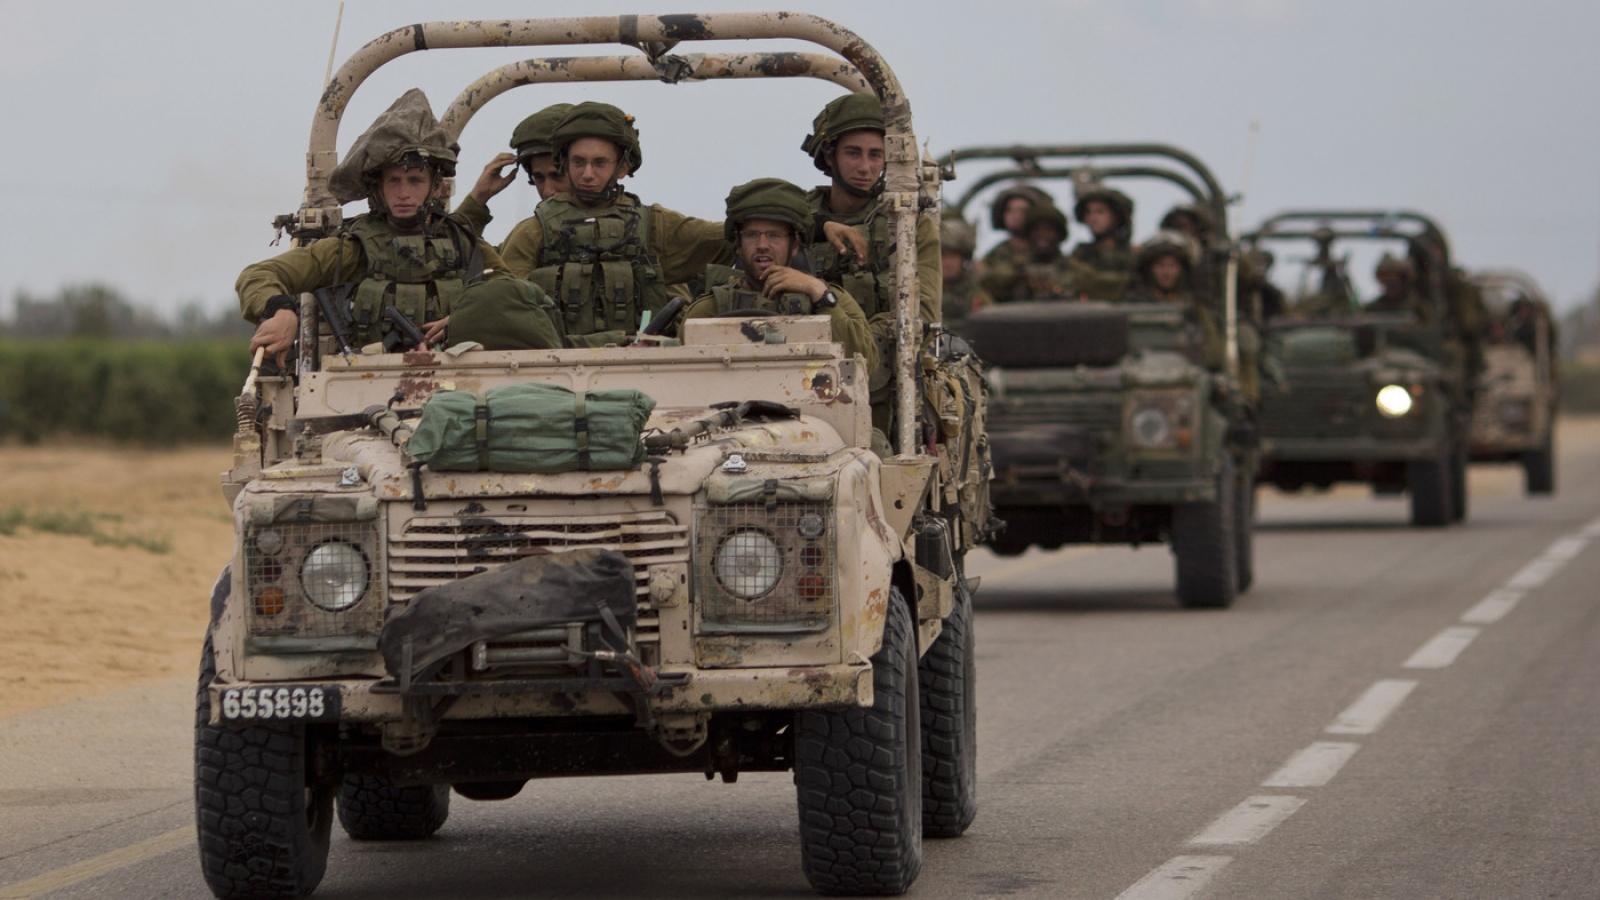 Quân đội Israel chuẩn bị chiến dịch trên bộ nhằm vào dải Gaza